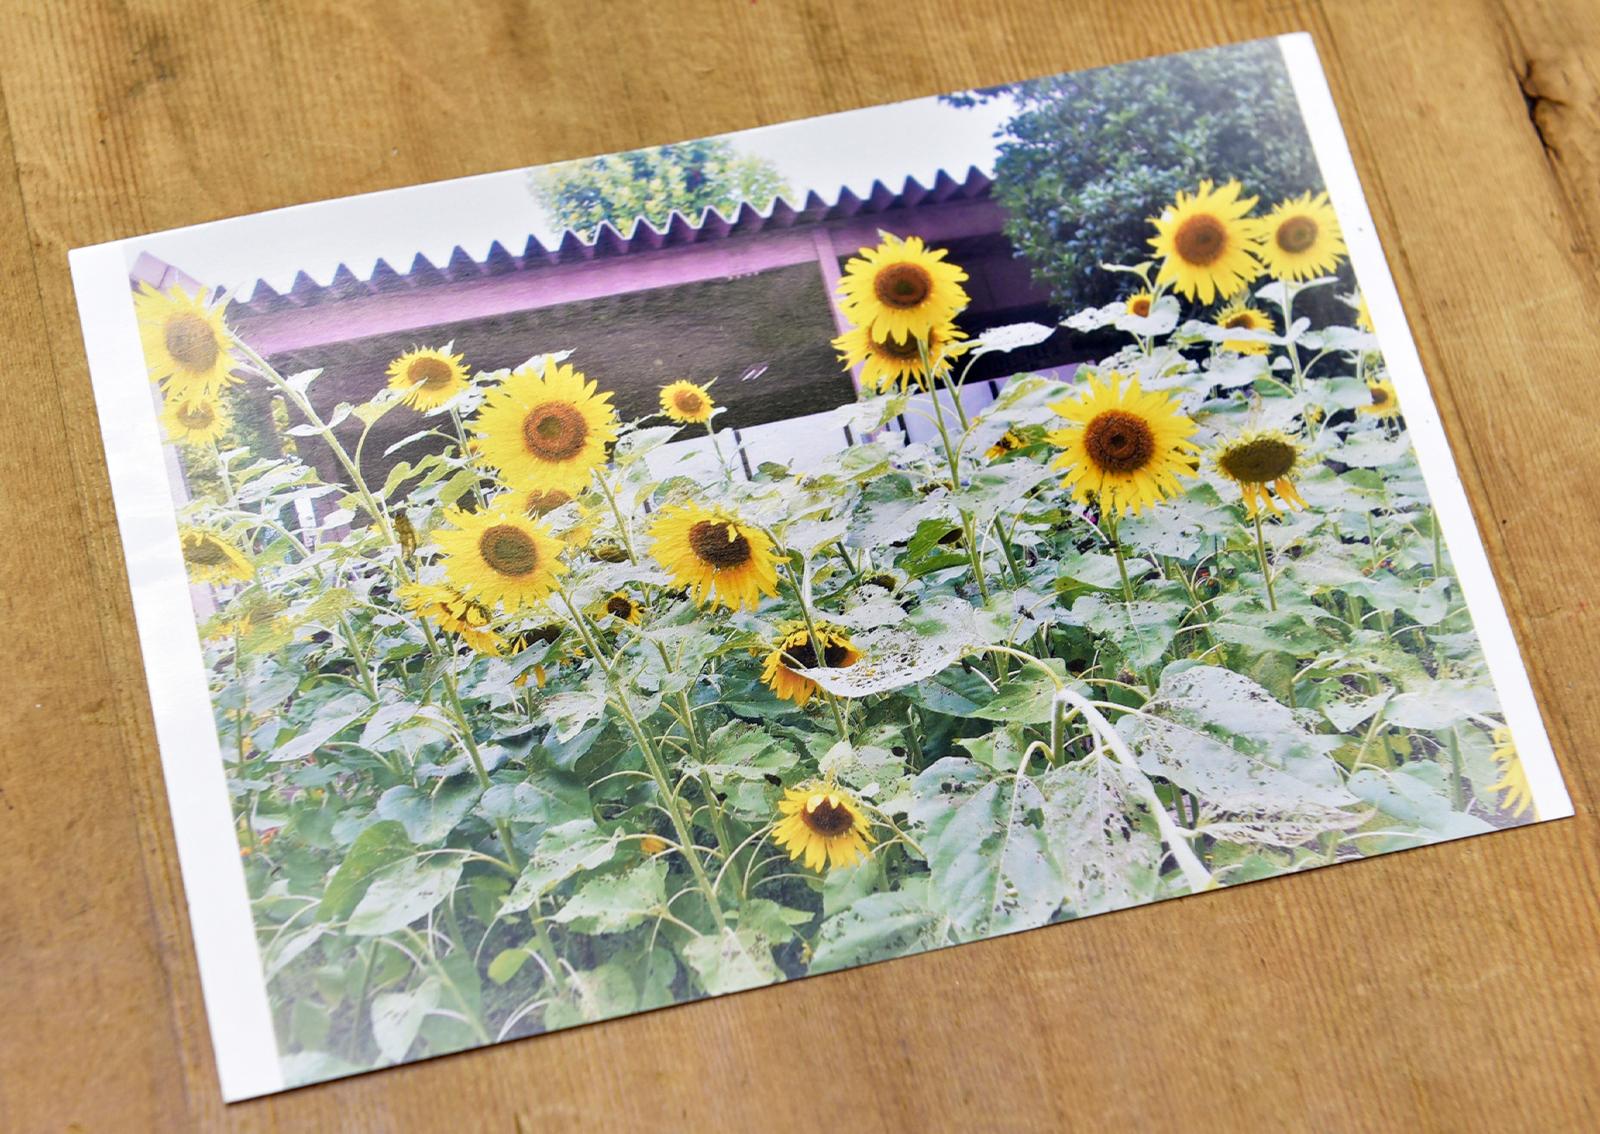 熊本市立詫麻原小学校のPTA花だん委員会から、ヒマワリの写真をプリントしたハガキをいただいた。